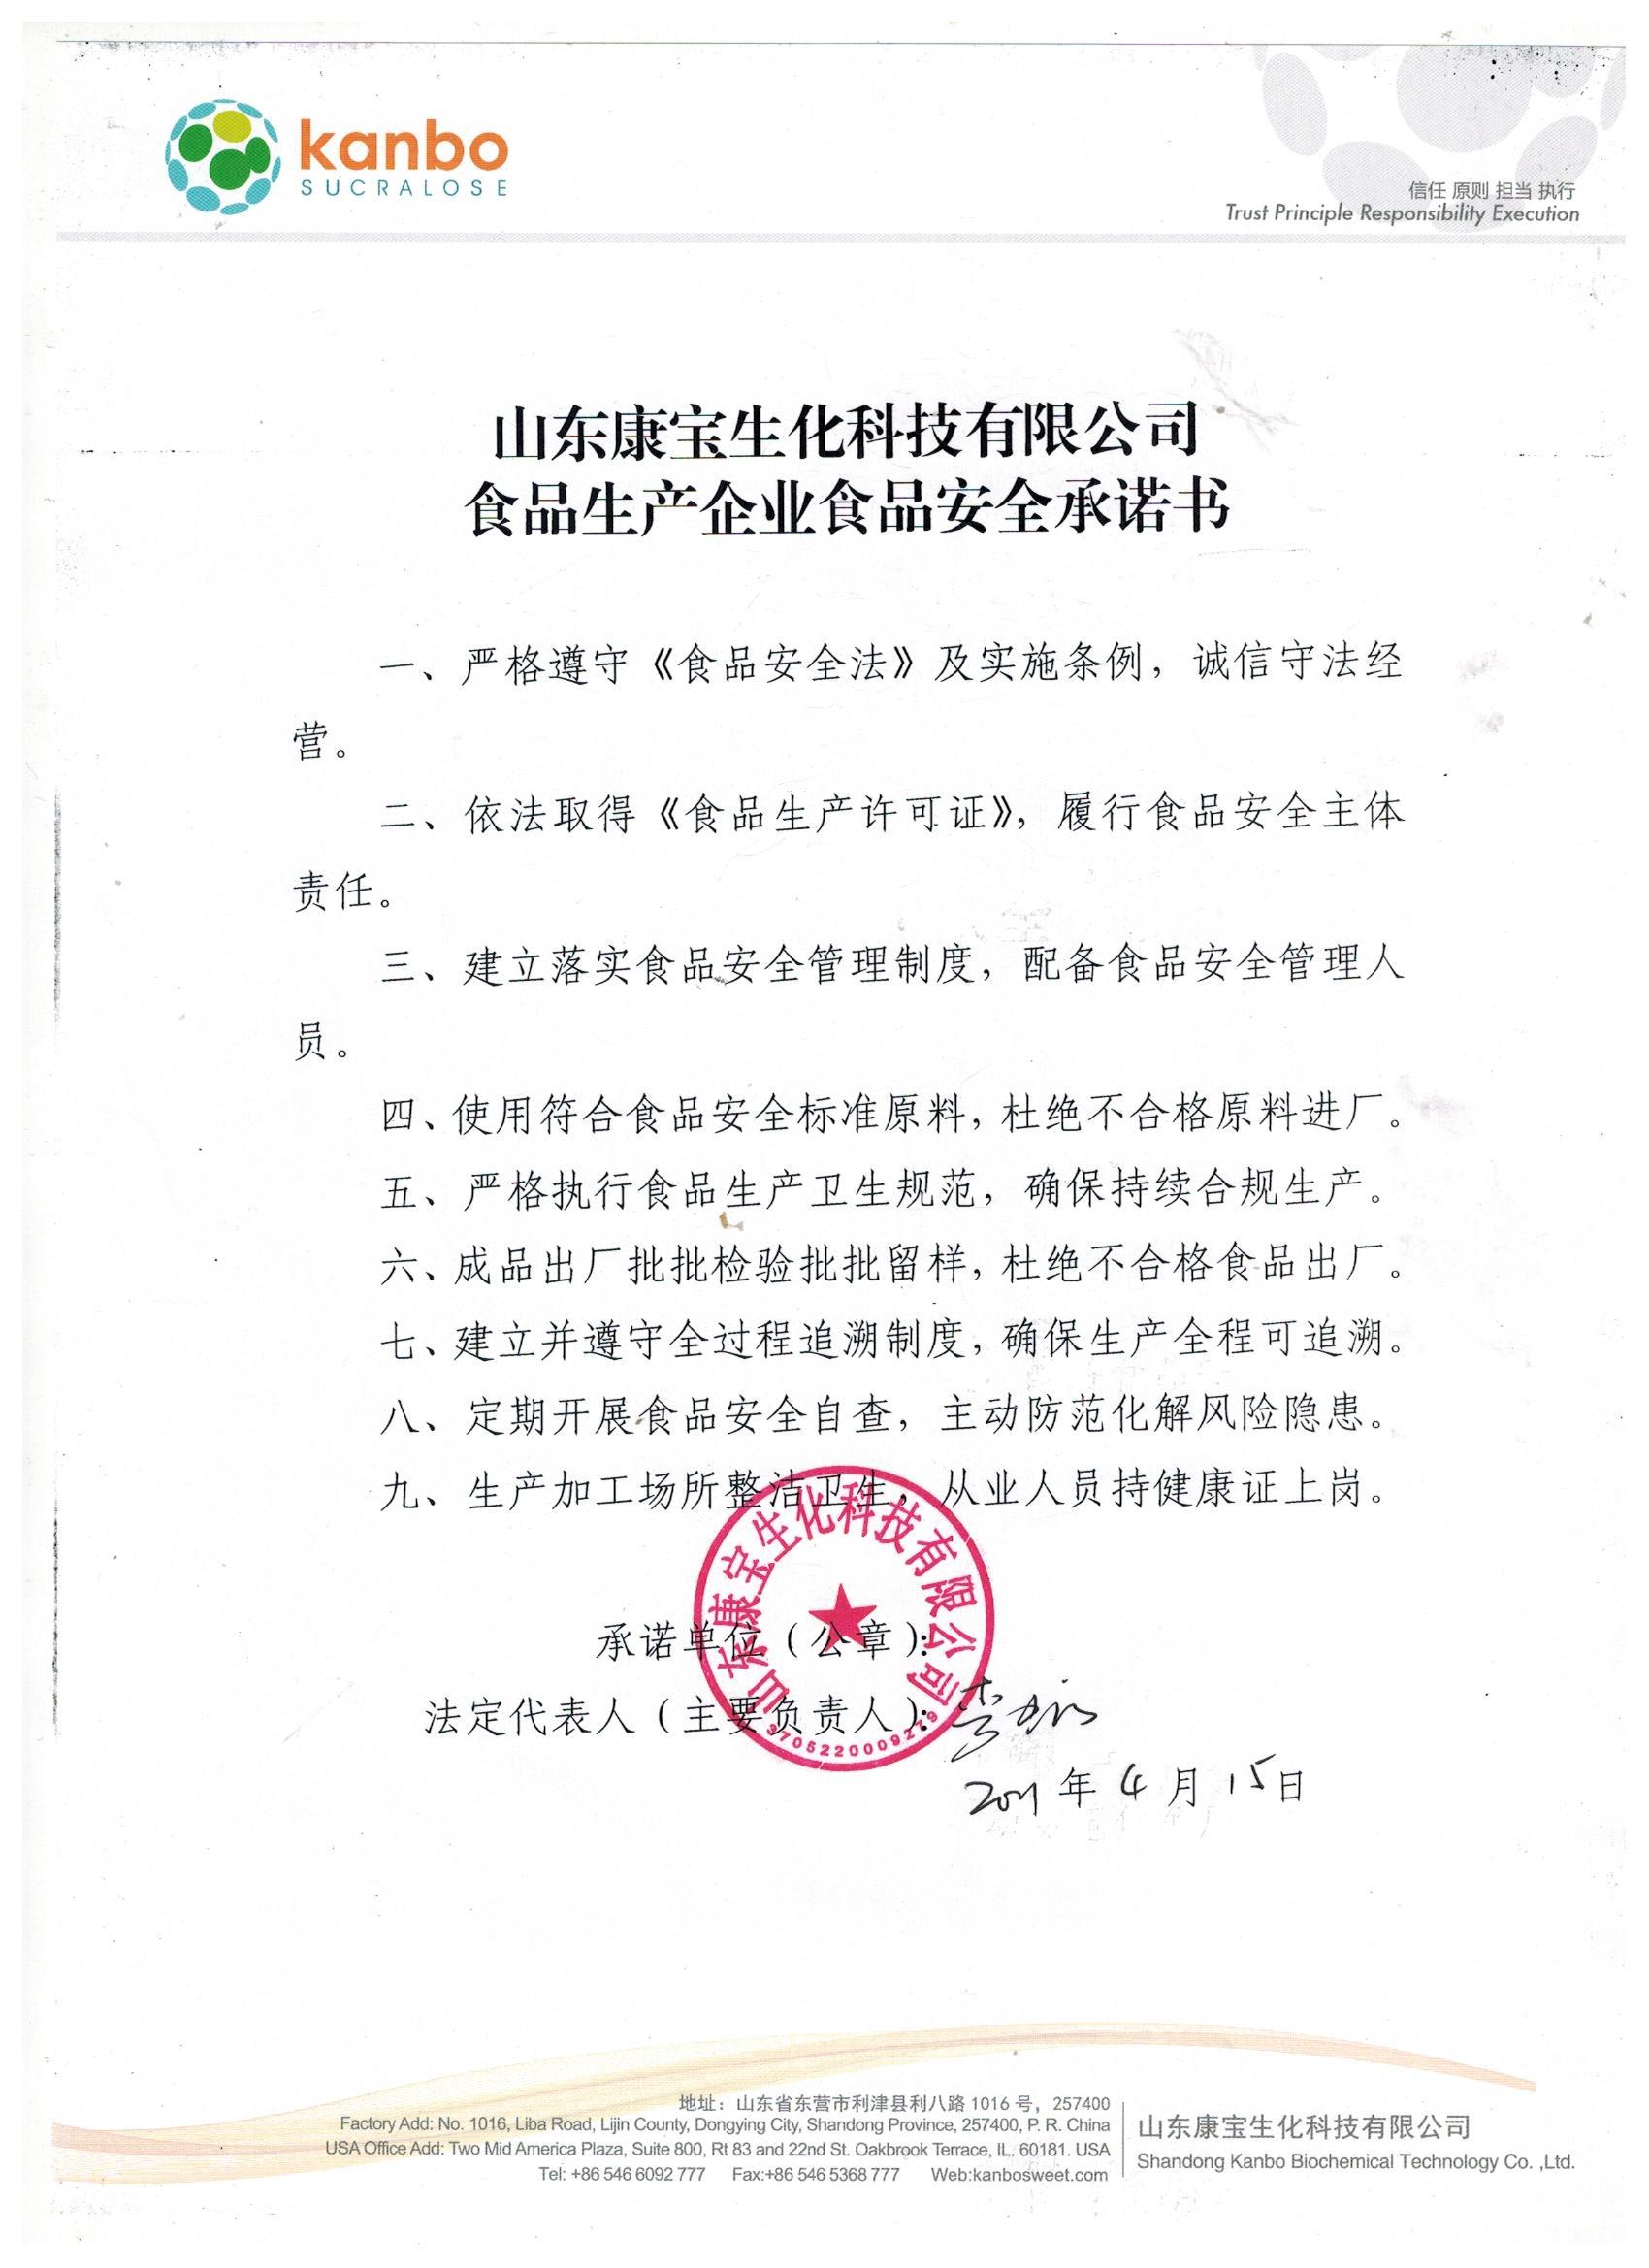 山東康寶生化科技有限公司食品安全承諾書